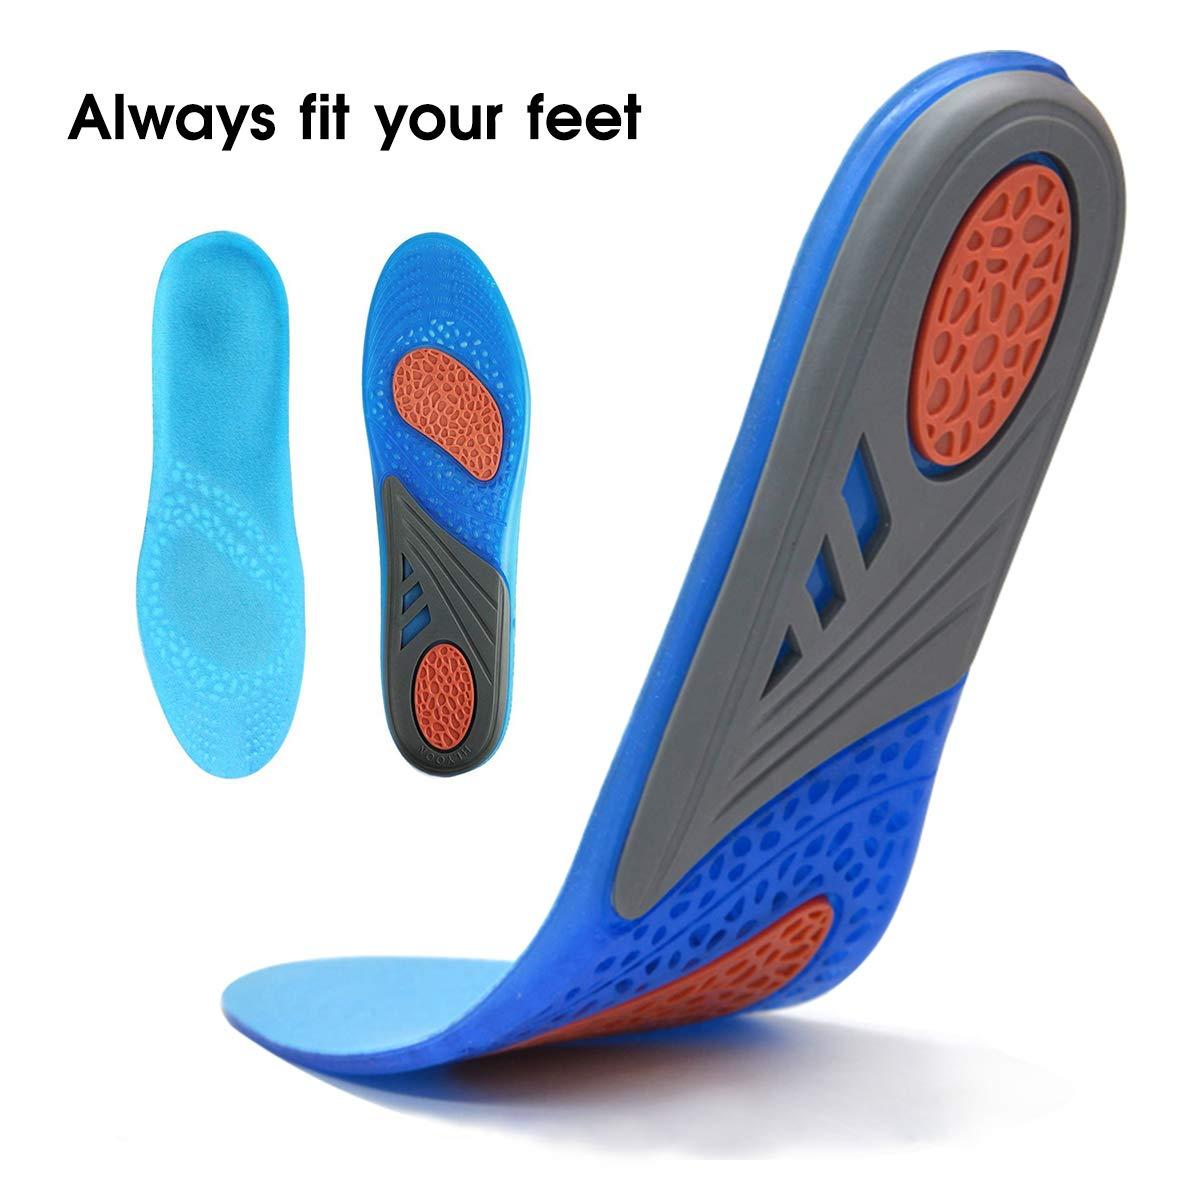 Schneidbare HLYOON Einlegesohlen Sport Breathable desodorierende Sweatproof bequeme Sto/ßd/ämpfung Schmerzlinderung Fasciitis Fersenschutz speziell bei Fersensporn